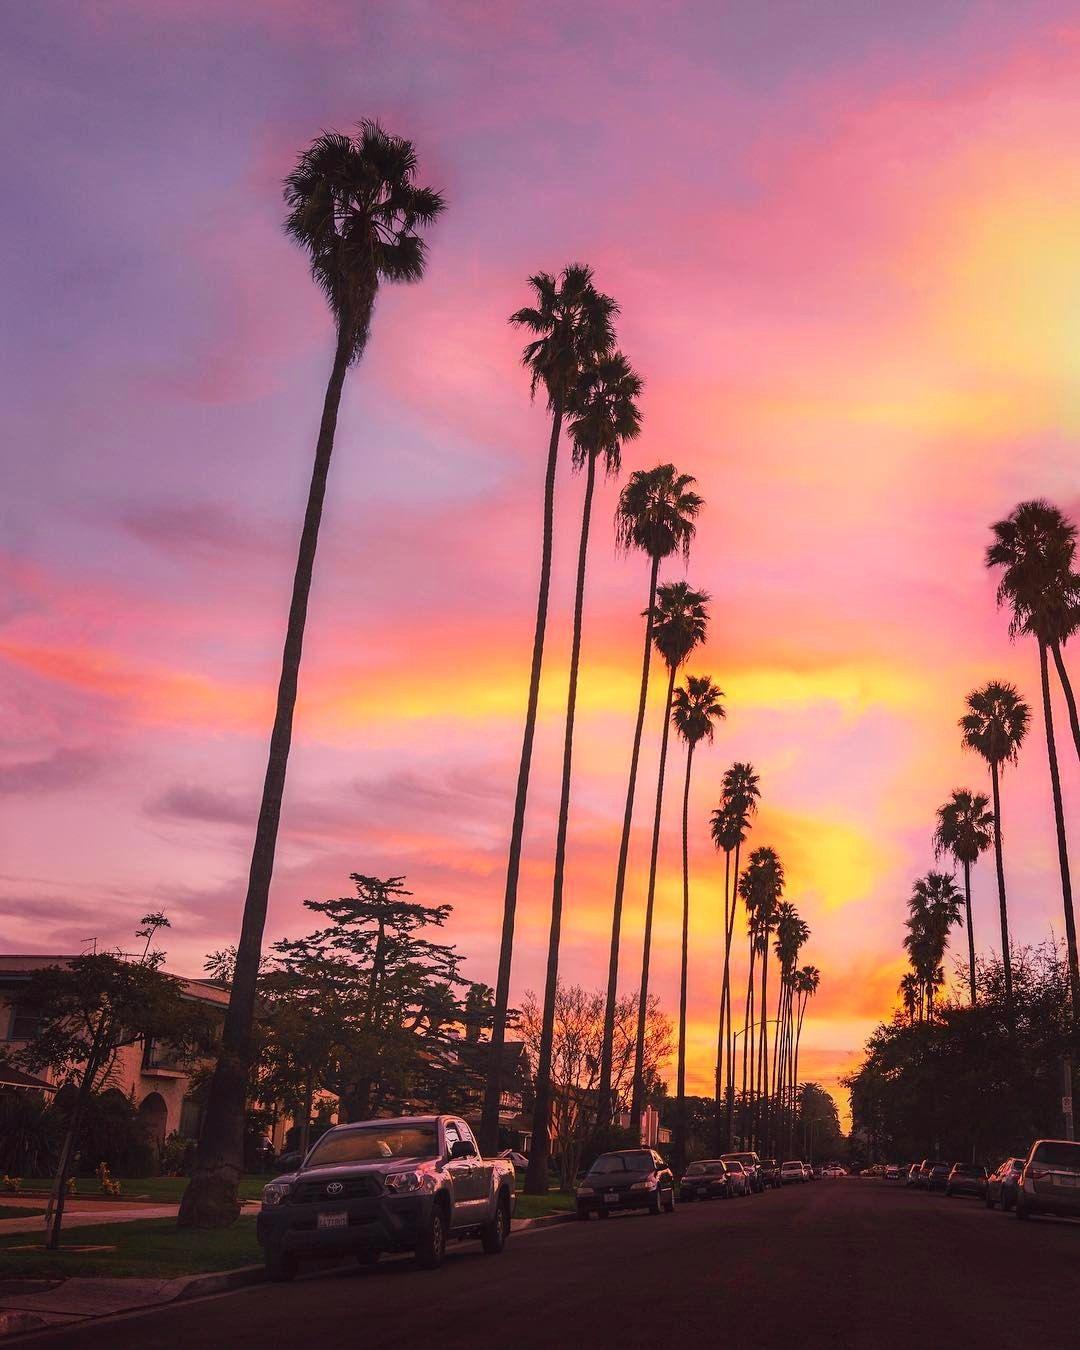 Koreatown Los Angeles Ca Koreatown Los Angeles Los Angeles Travel Sunset Wallpaper